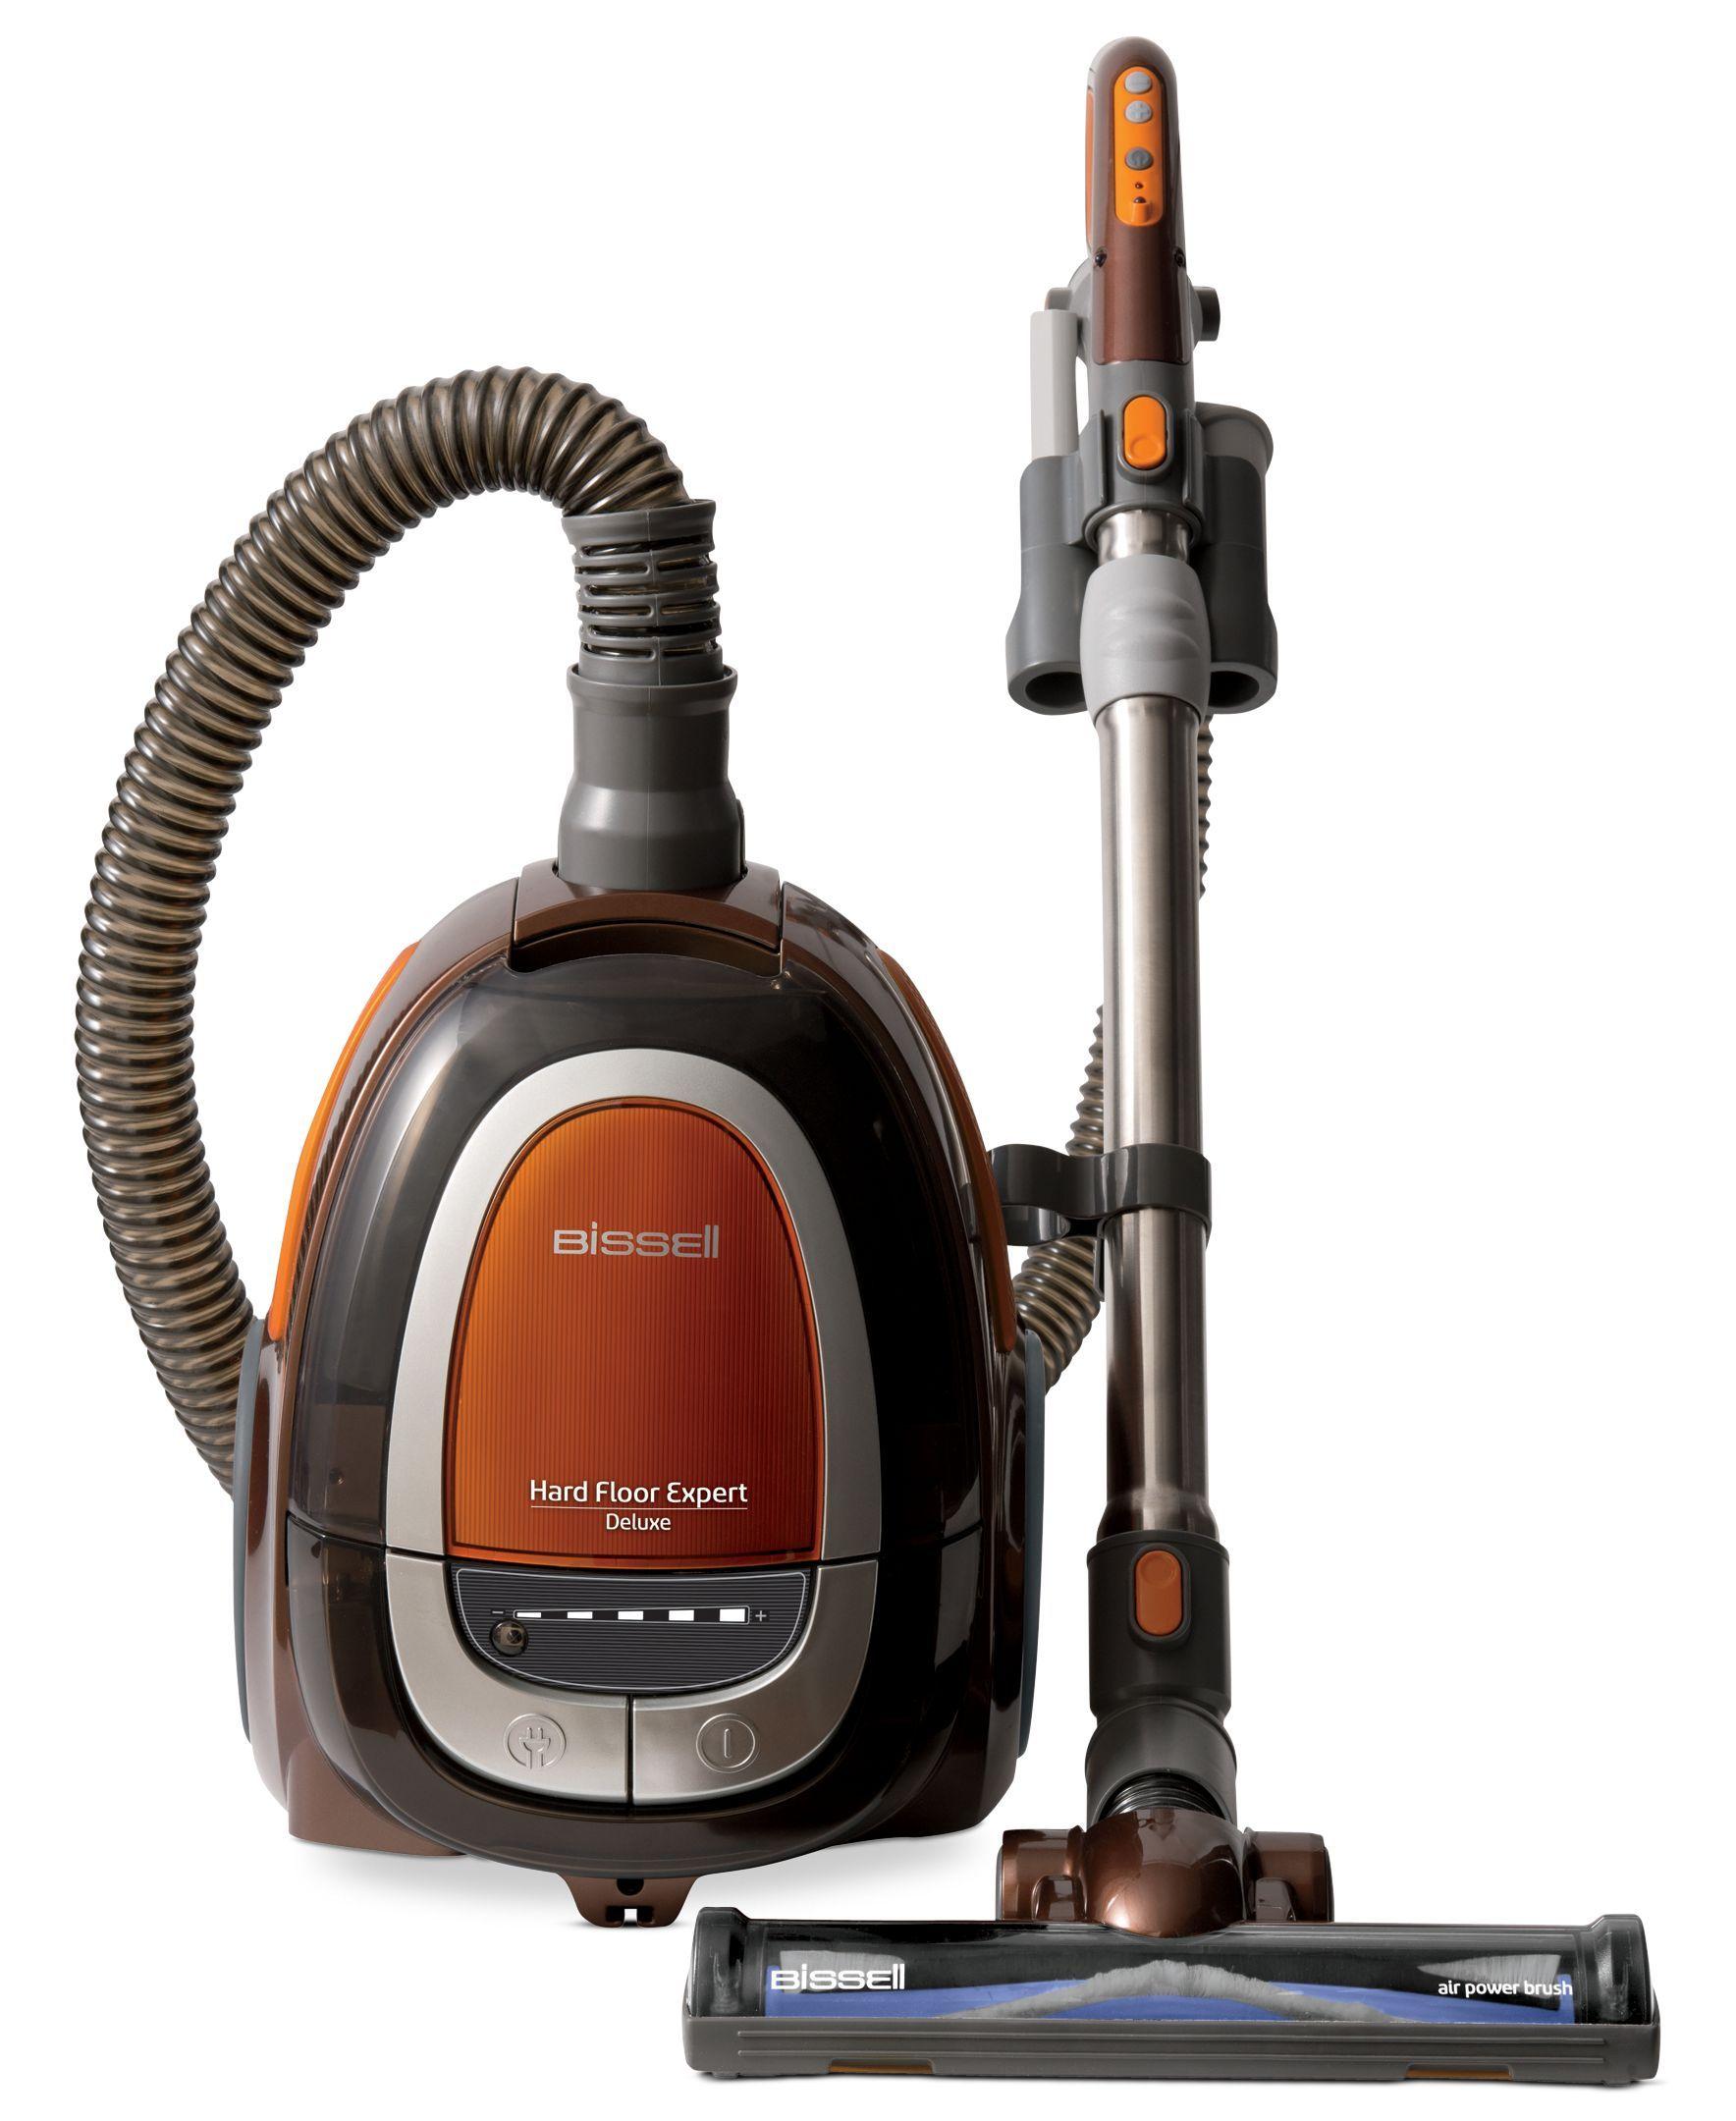 Bissell 1161 Hard Floor Expert Deluxe Vacuum Vacuum for